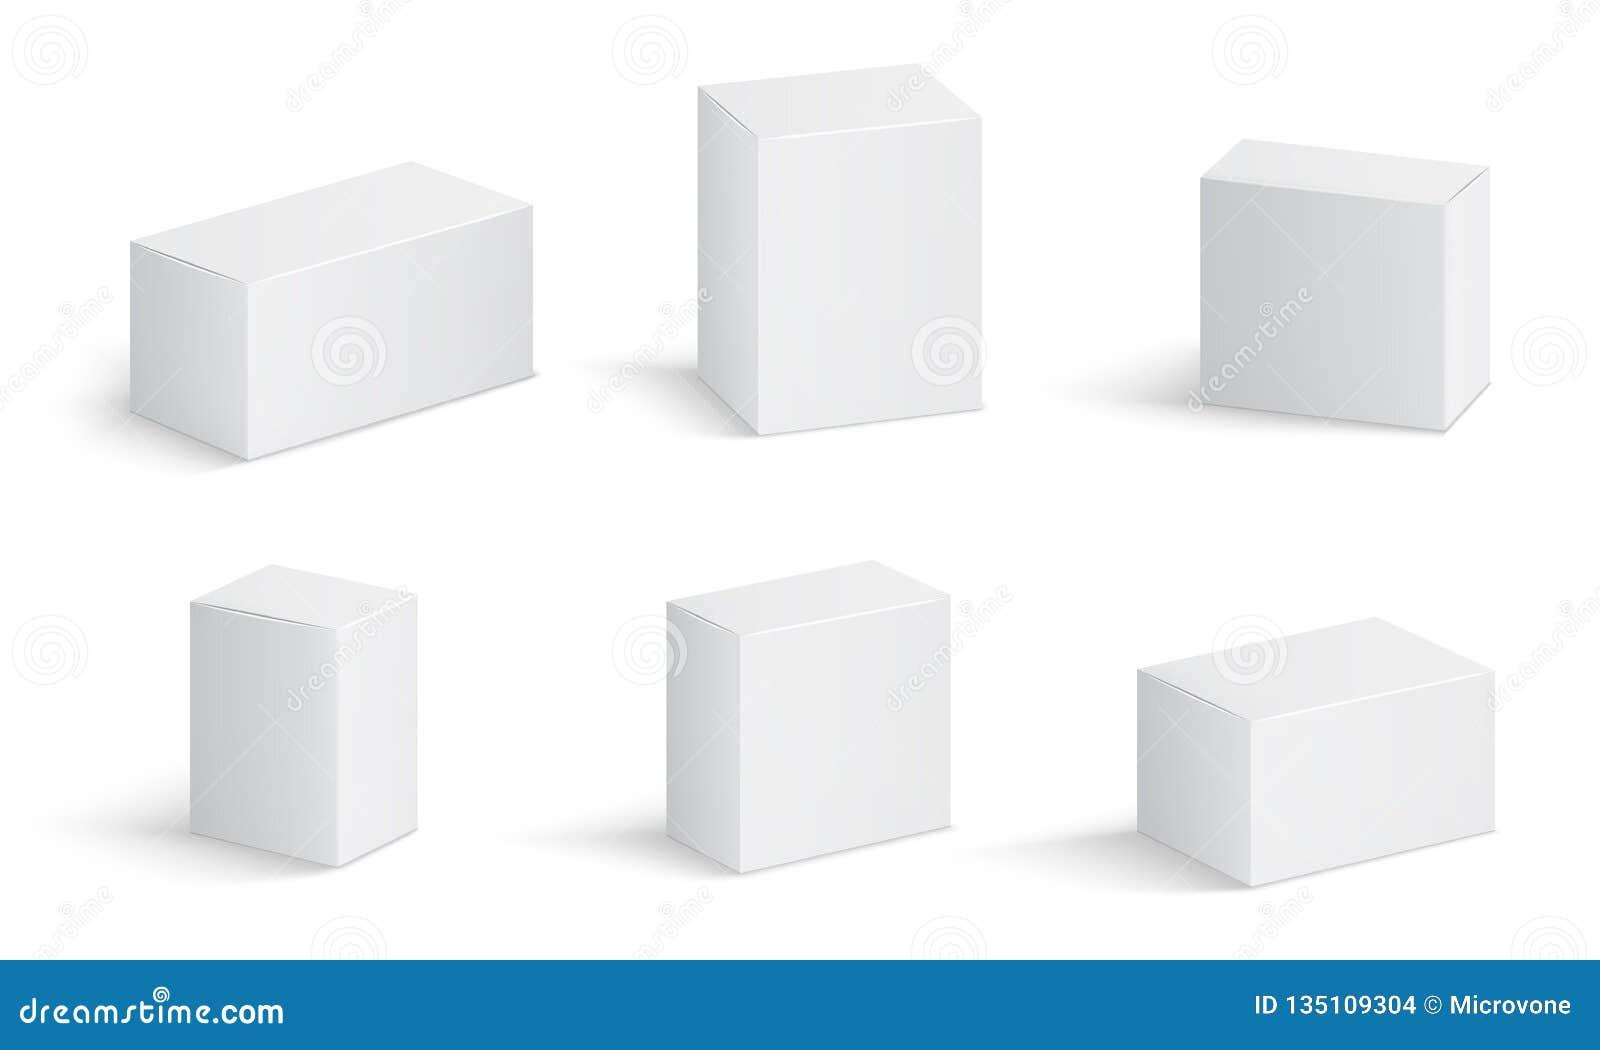 Белые картонные коробки Пустой пакет медицины в различных размерах Медицинский вектор квадратной коробки 3d продукта изолировал м